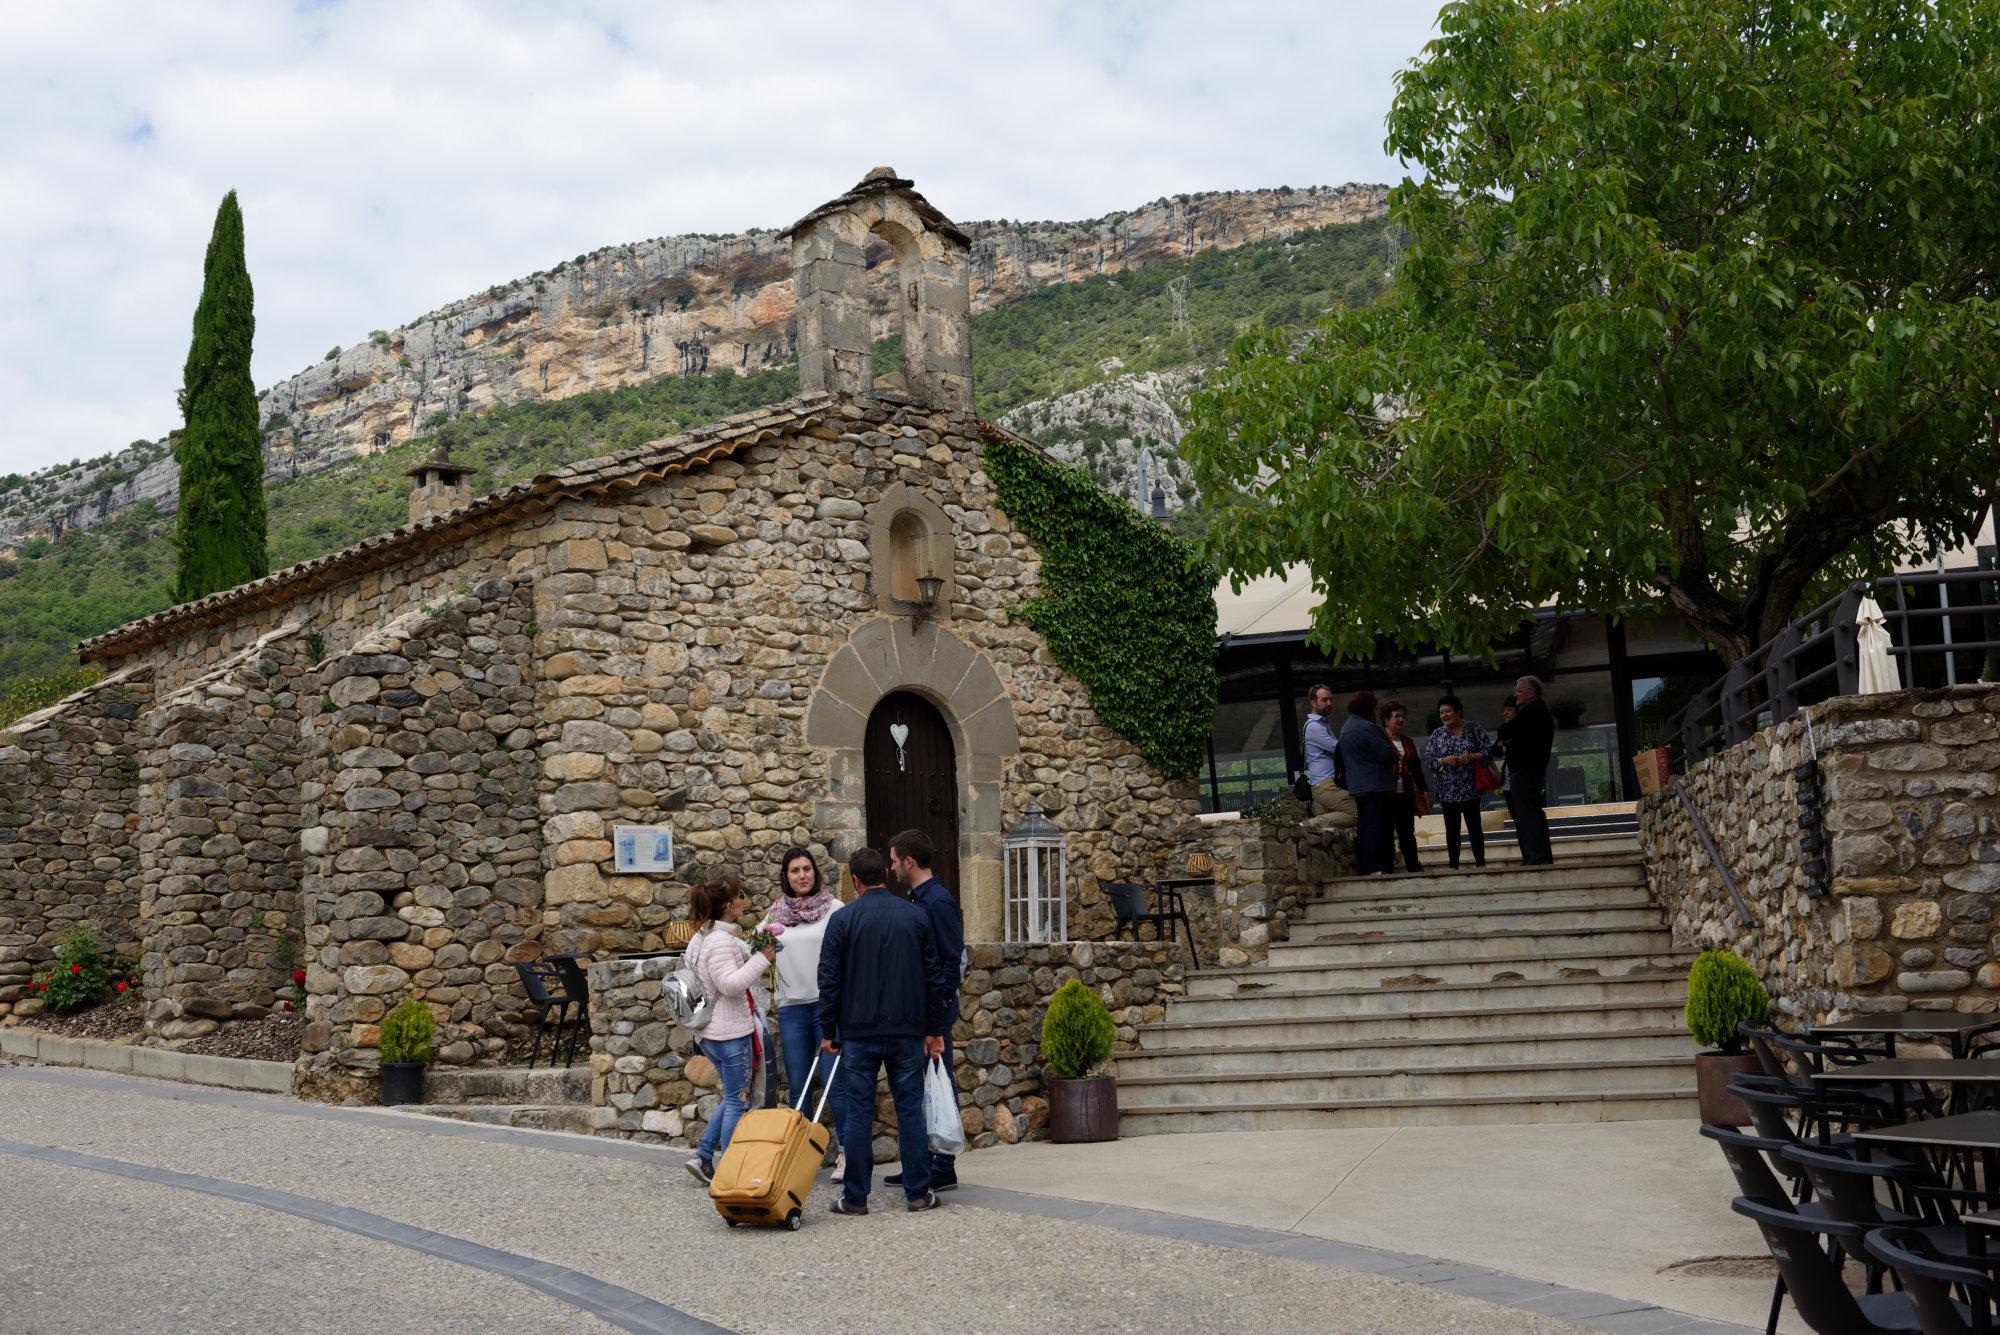 180520-2-Liguerre de Cinca (20) (Sobrarbe-Aragon)